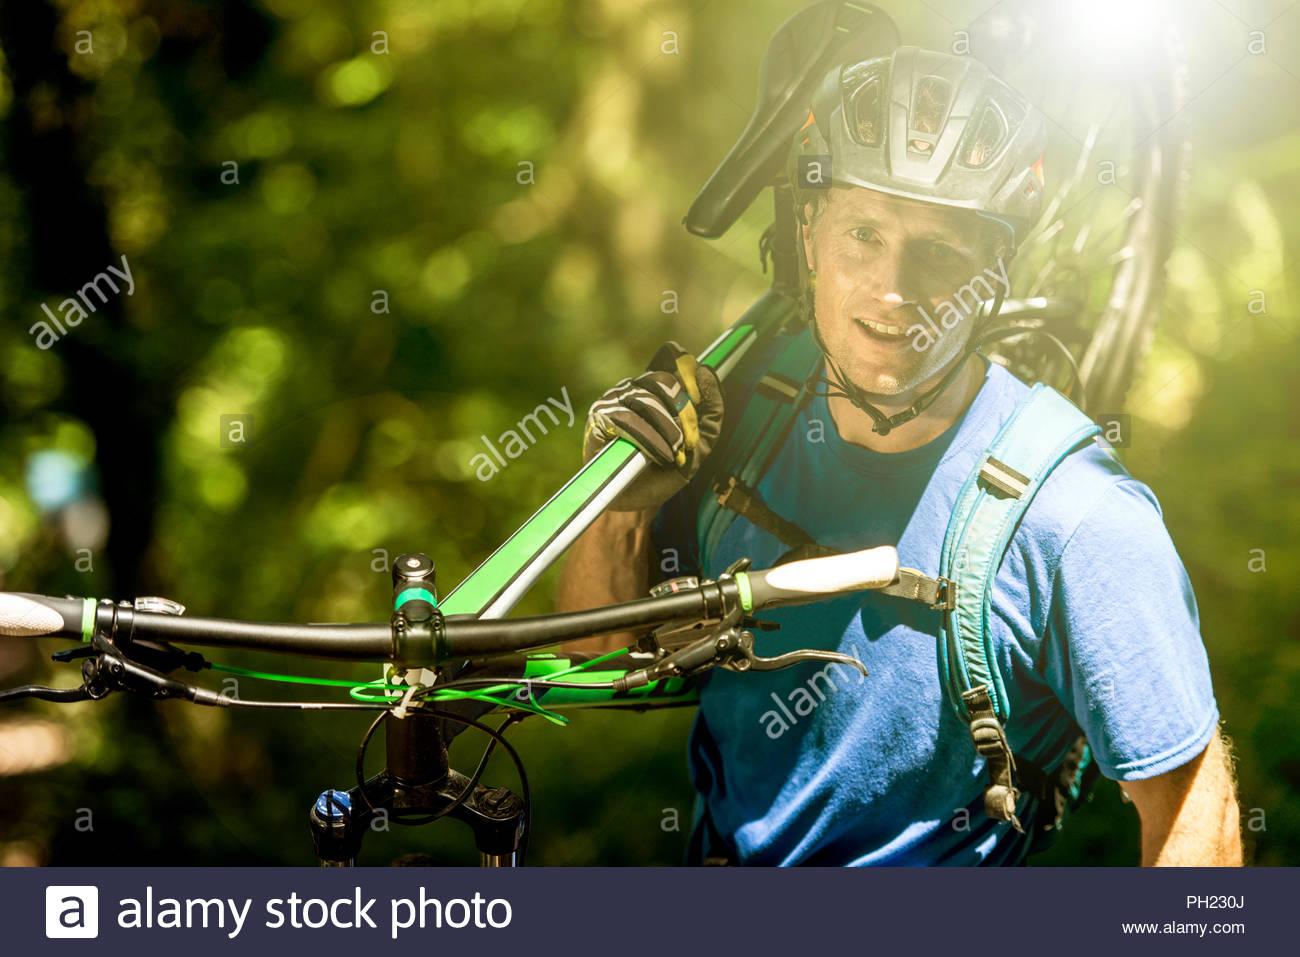 Uomo che porta in mountain bike nella Foresta Immagini Stock